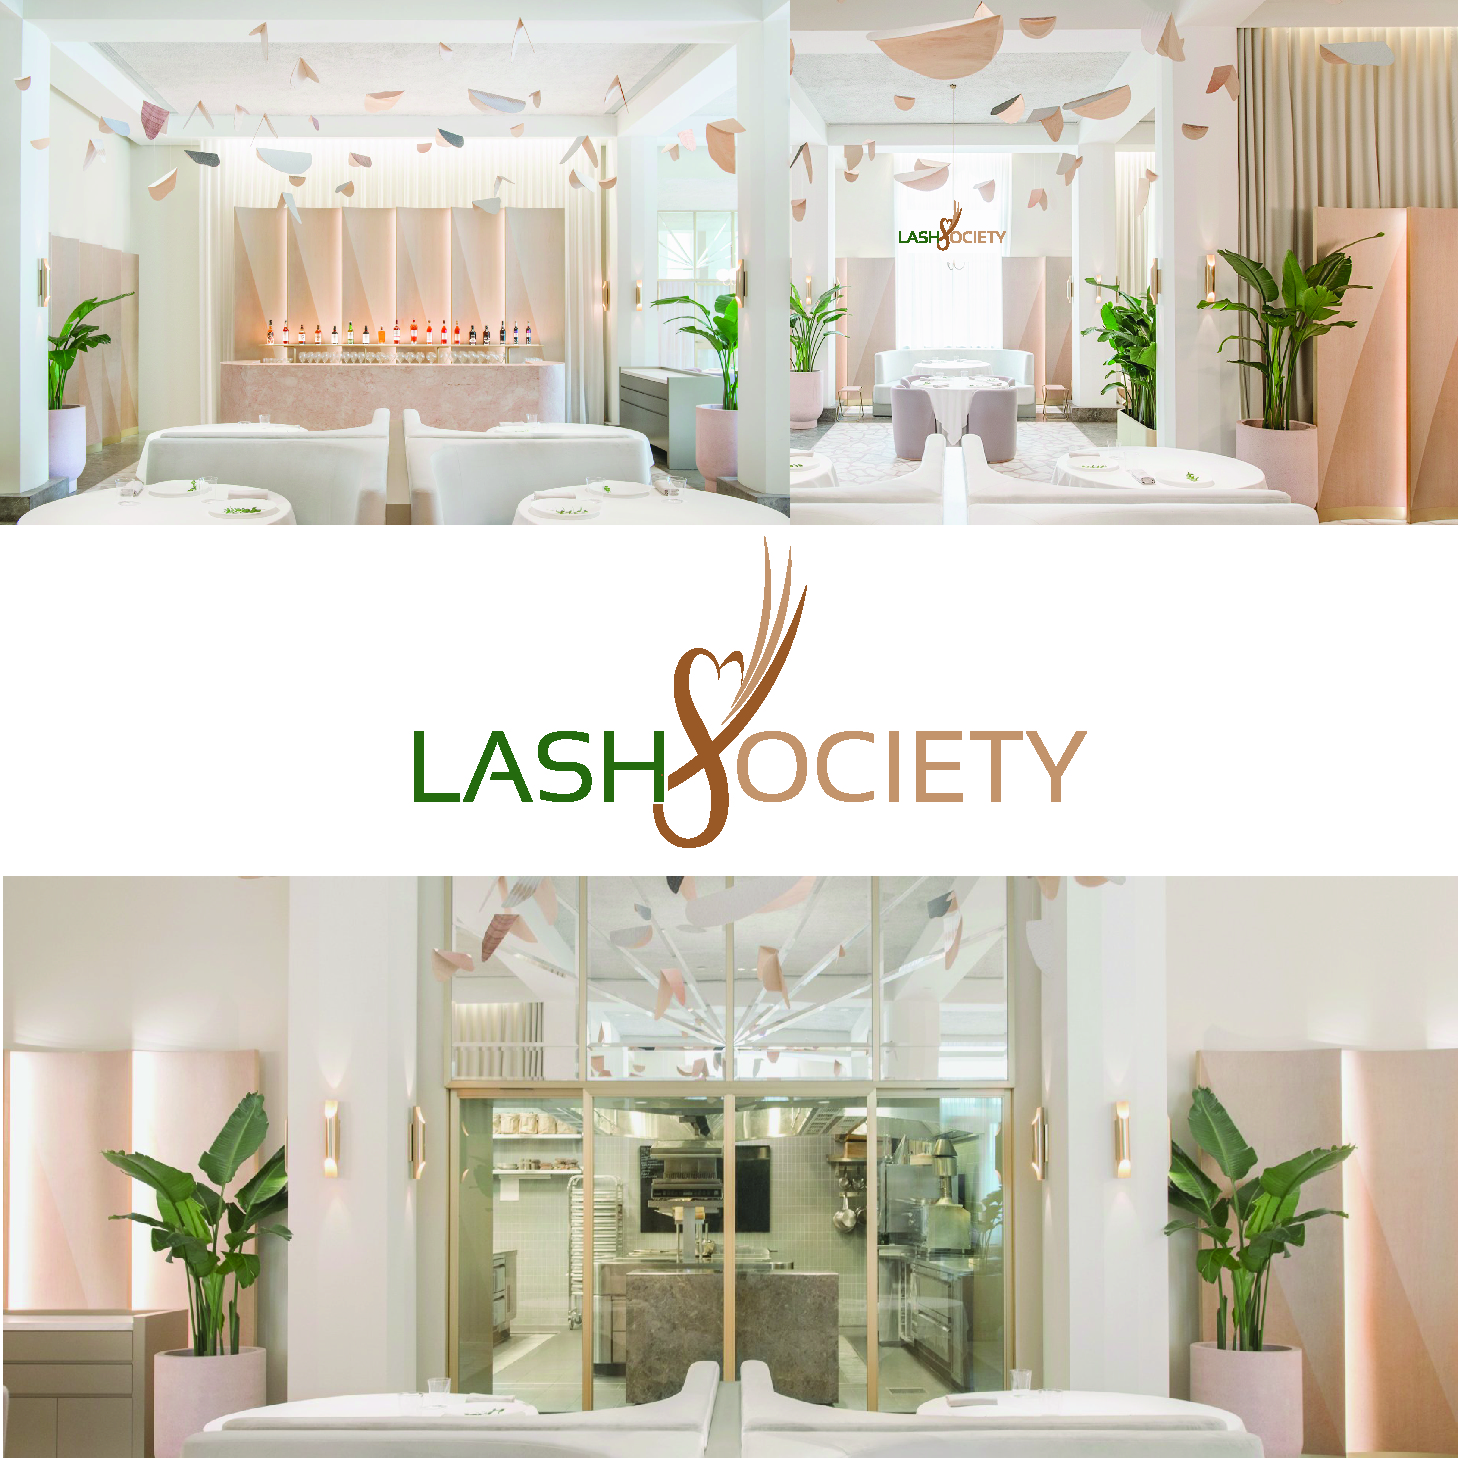 Feminine Modern Beauty Salon Logo Design For Lash Society By Art X Design 18939854